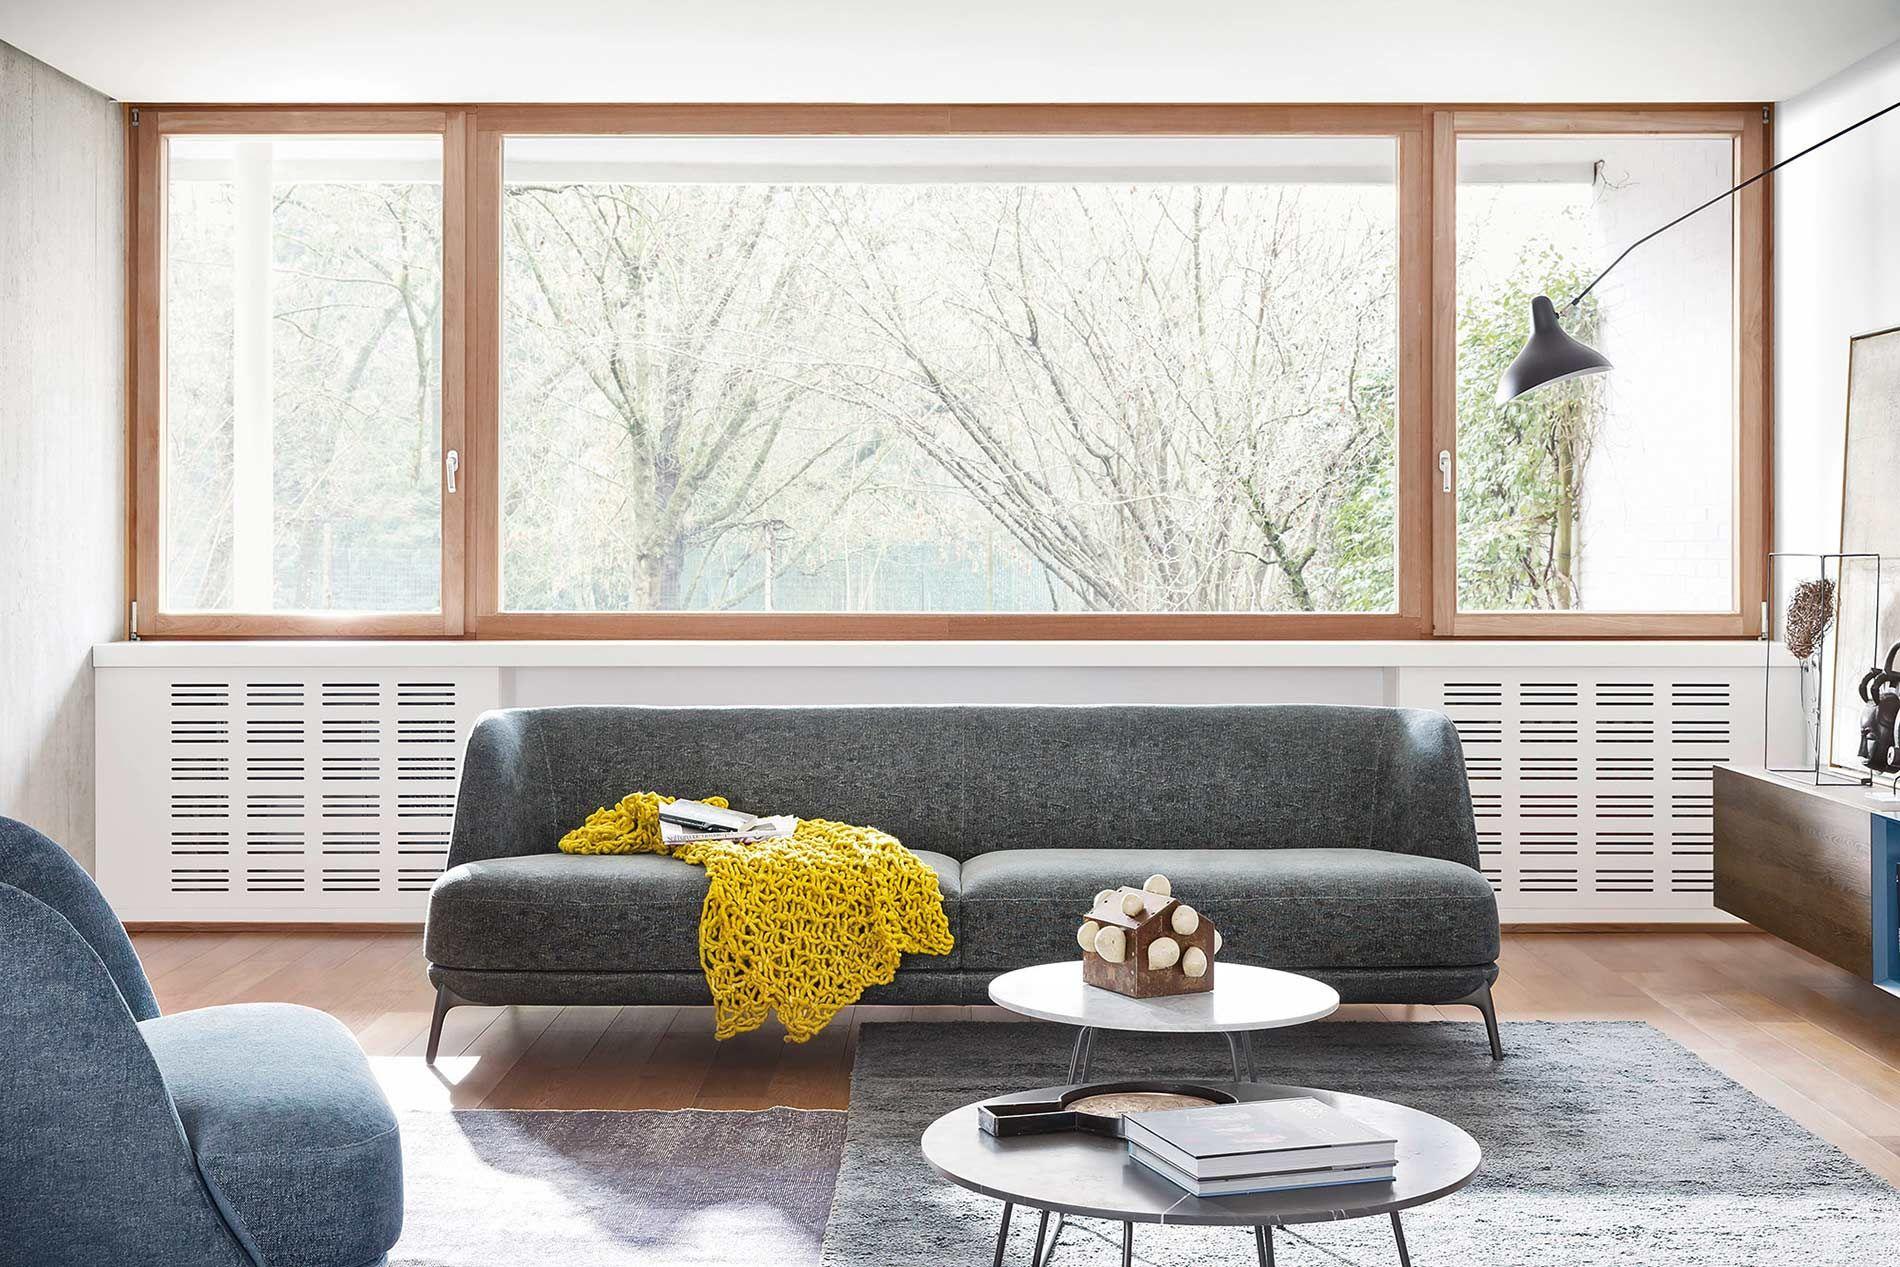 italienische designer schlafsofas bettw sche mit spr chen freiwild daunen schlafzimmer set. Black Bedroom Furniture Sets. Home Design Ideas